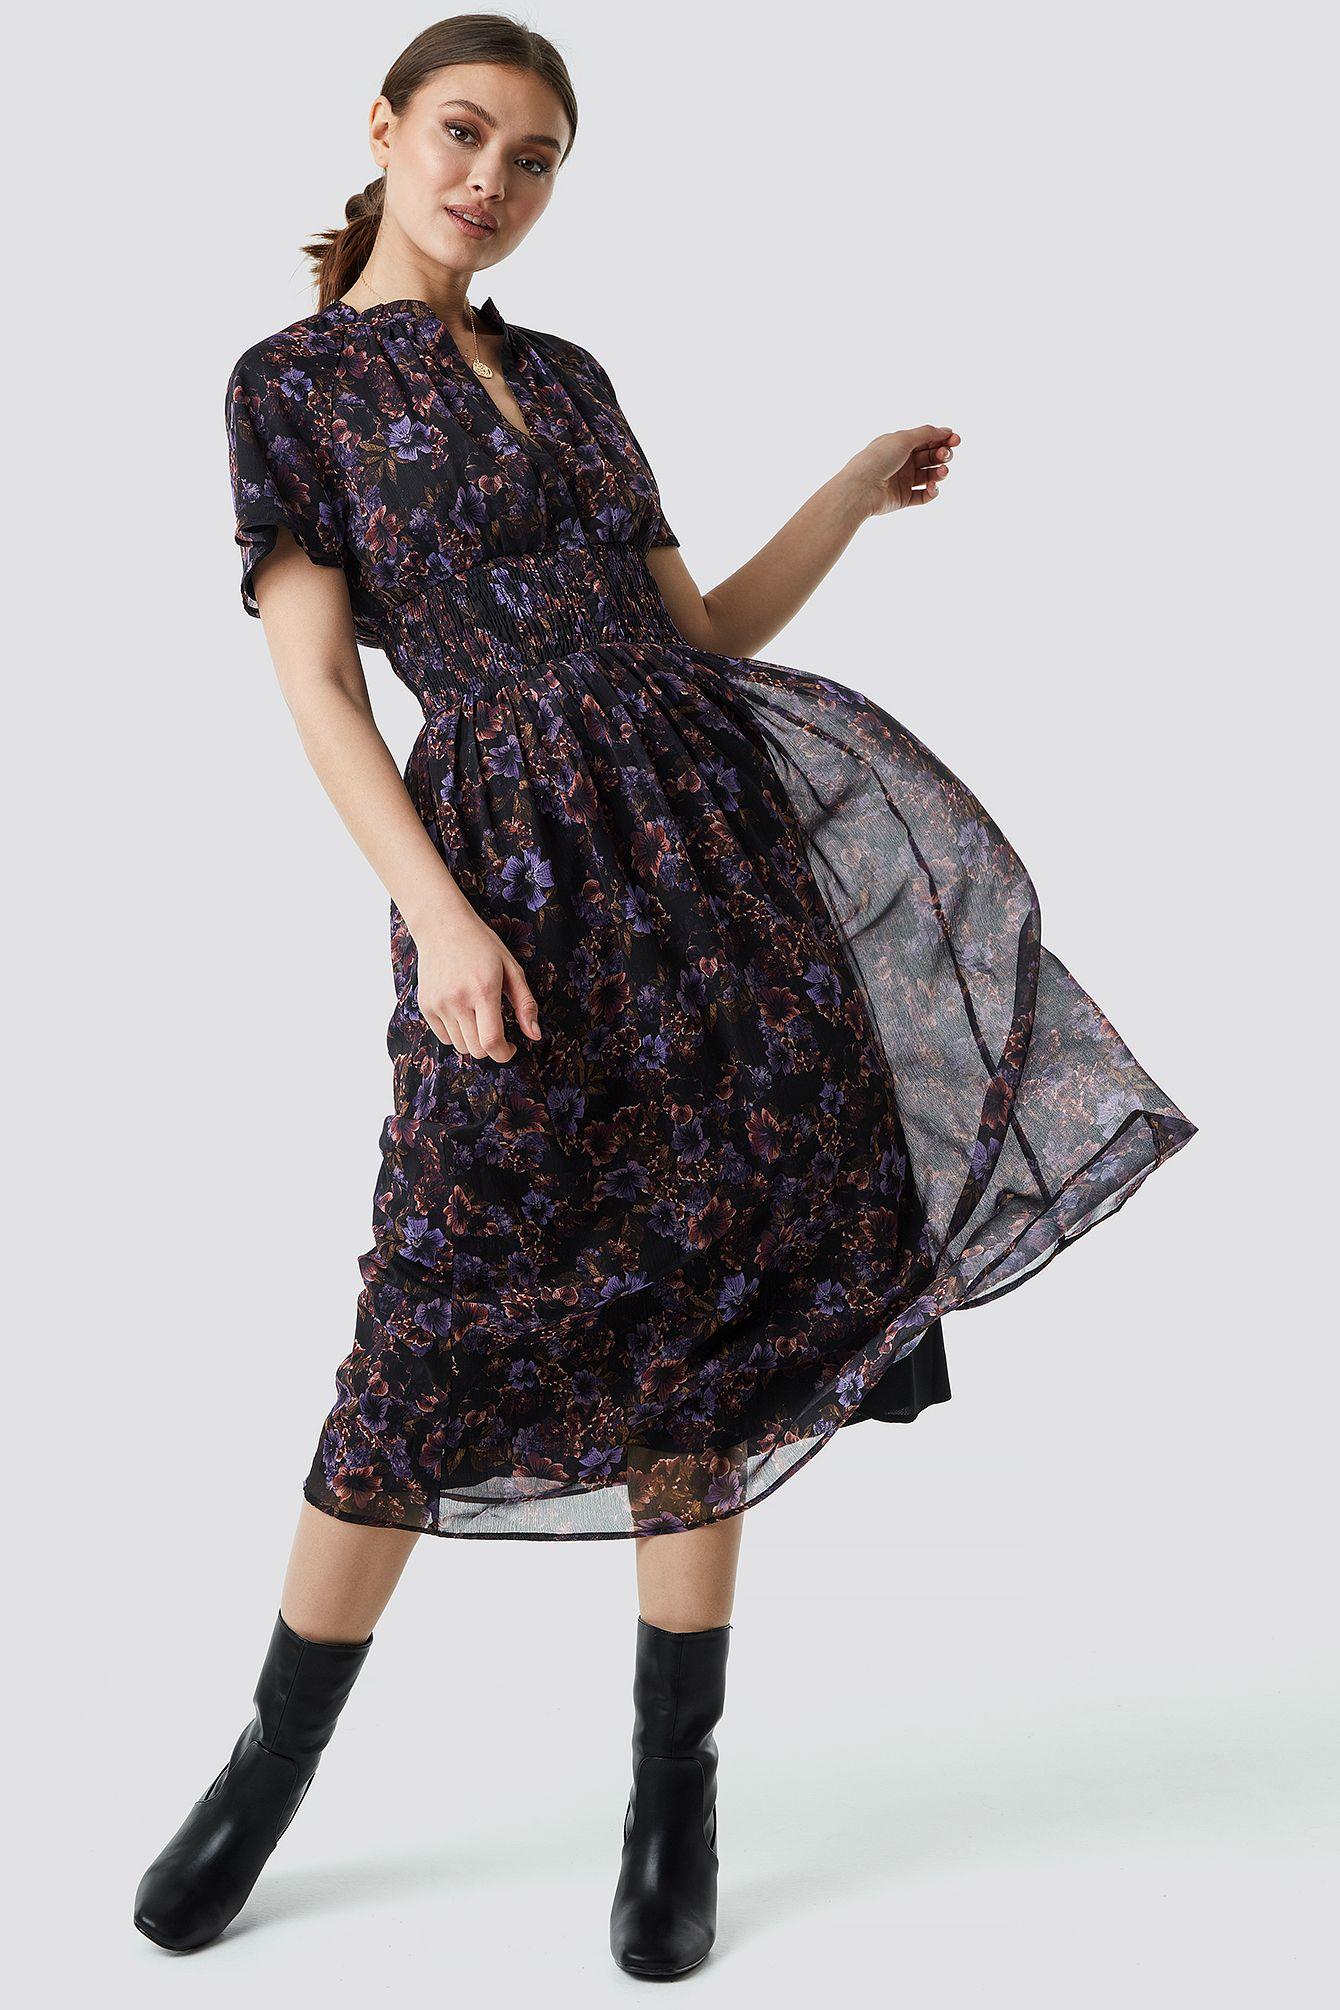 Shirred Detail Flowy Chiffon Dress in 2020 | Chiffonkleid ...